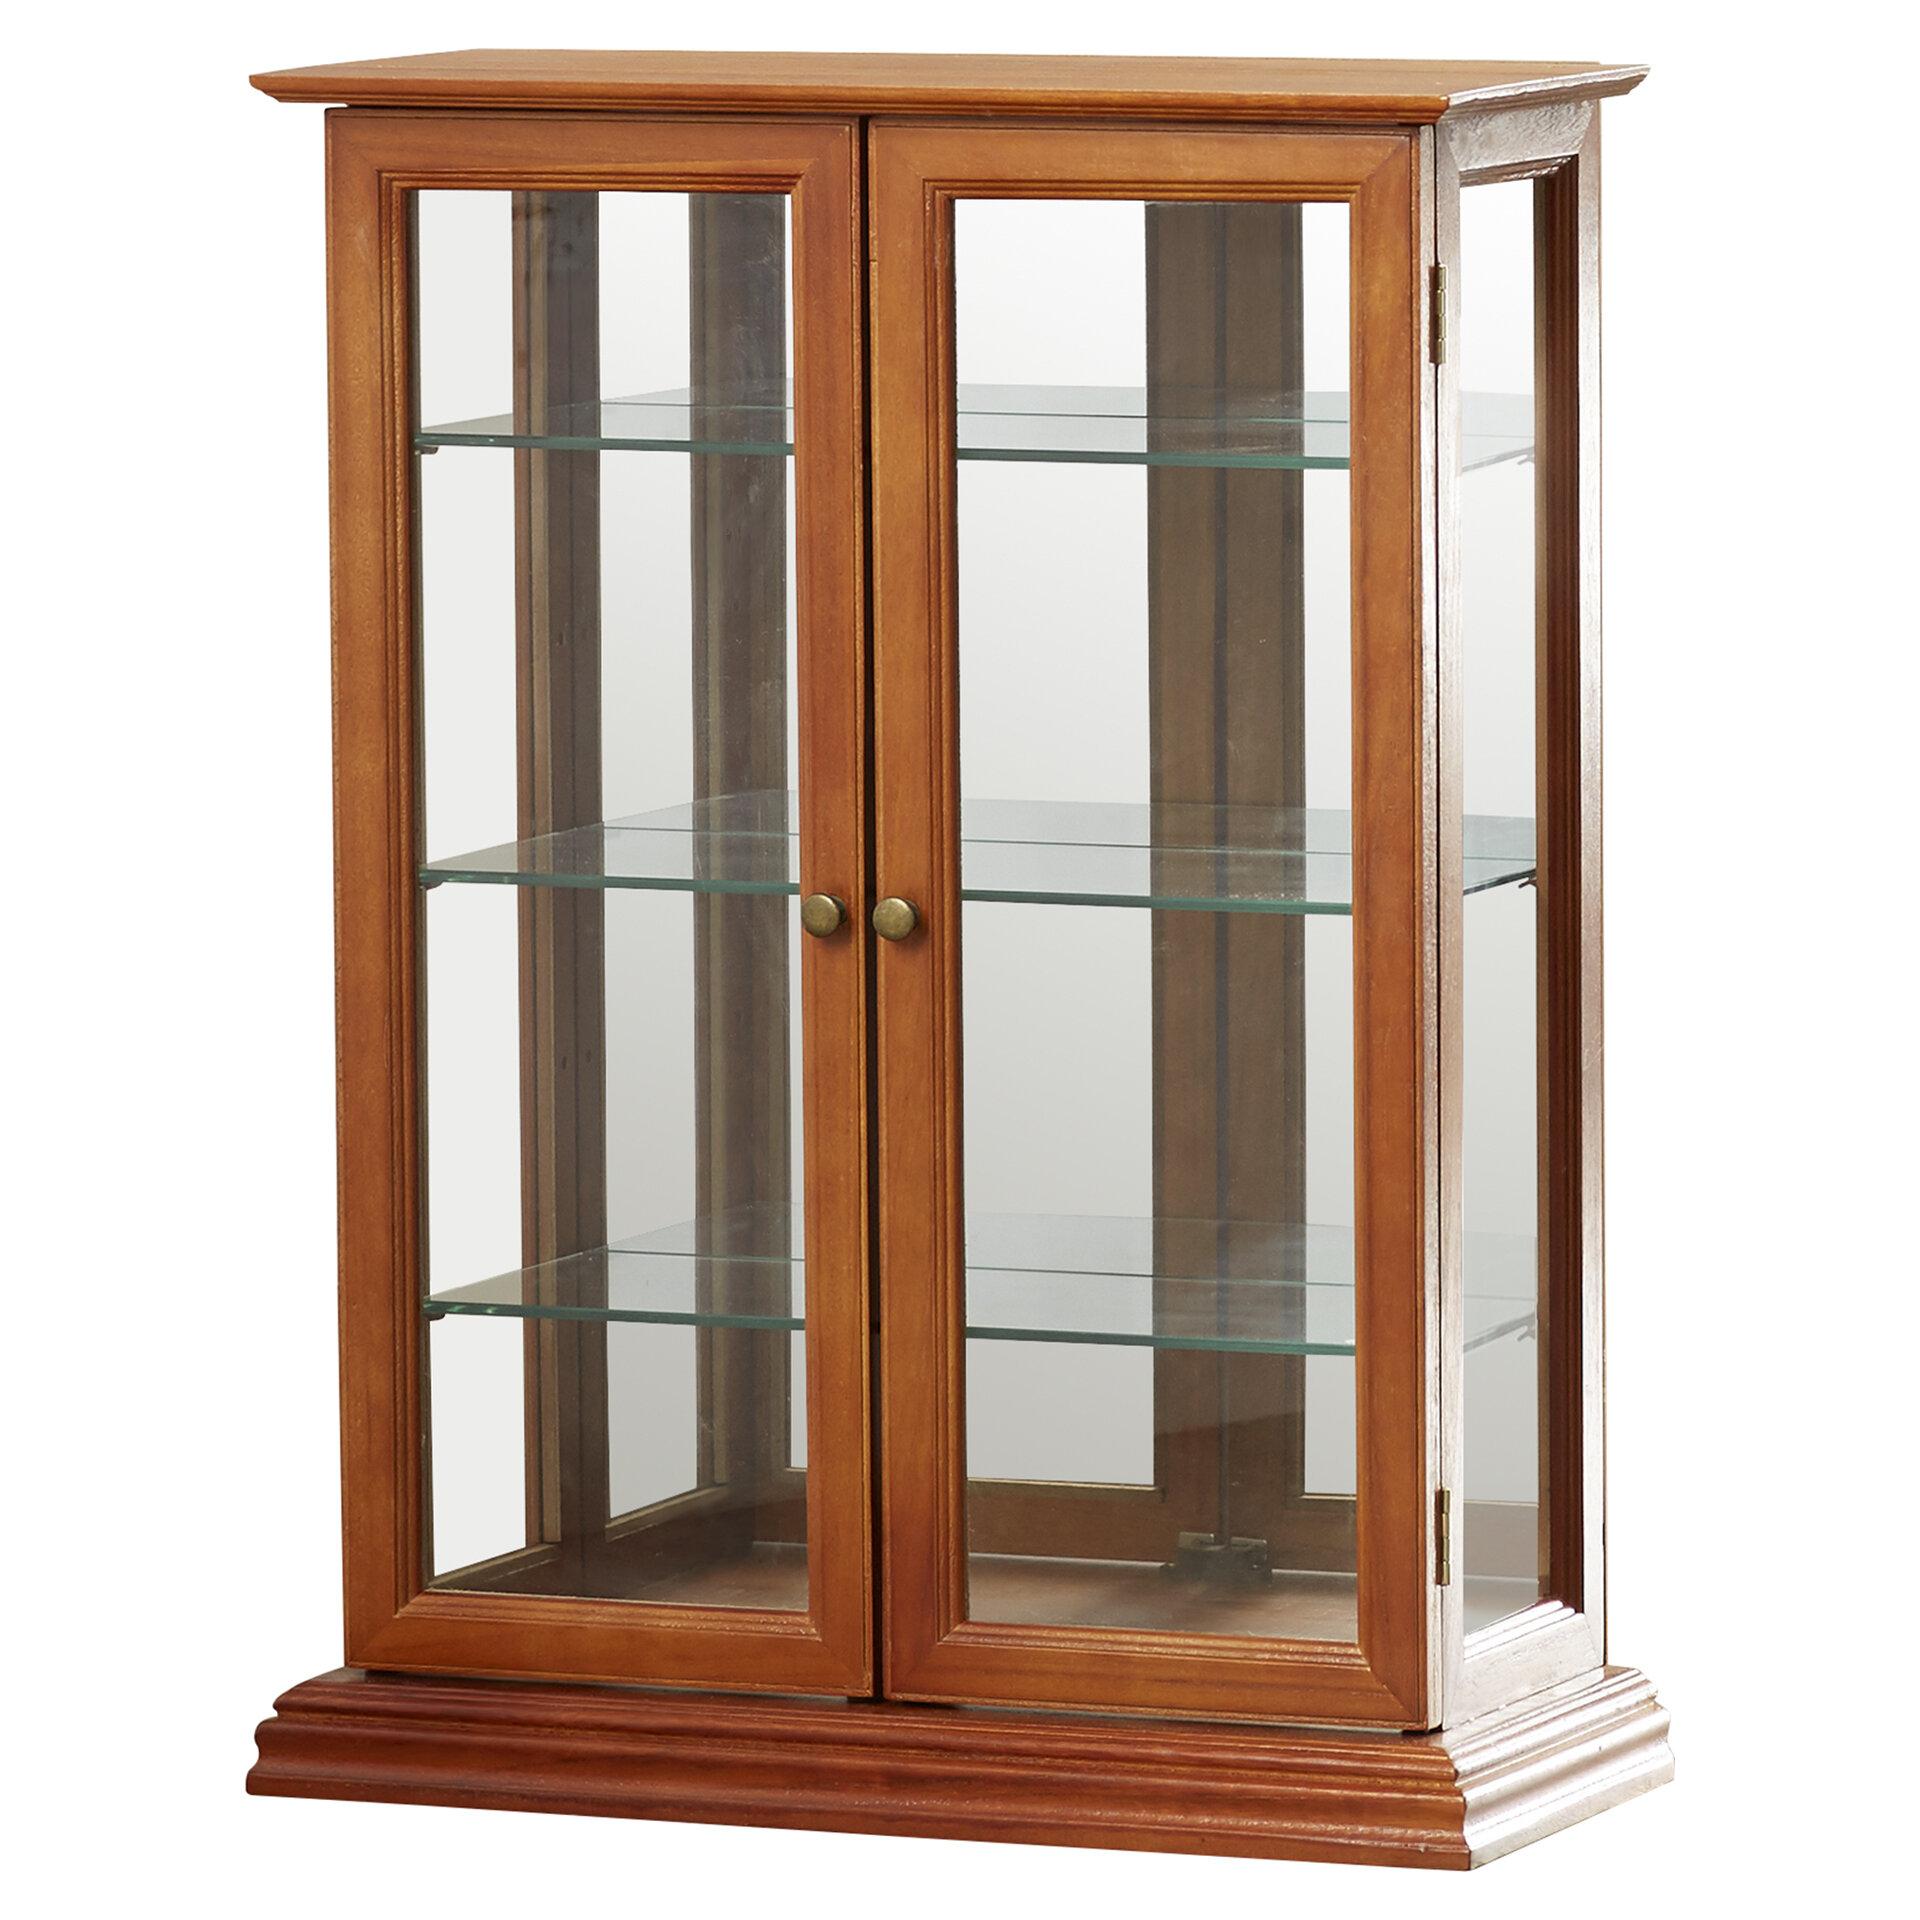 denya wall mounted curio cabinet reviews allmodern rh allmodern com wall mounted curio cabinet uk wall mounted curio cabinet with glass doors